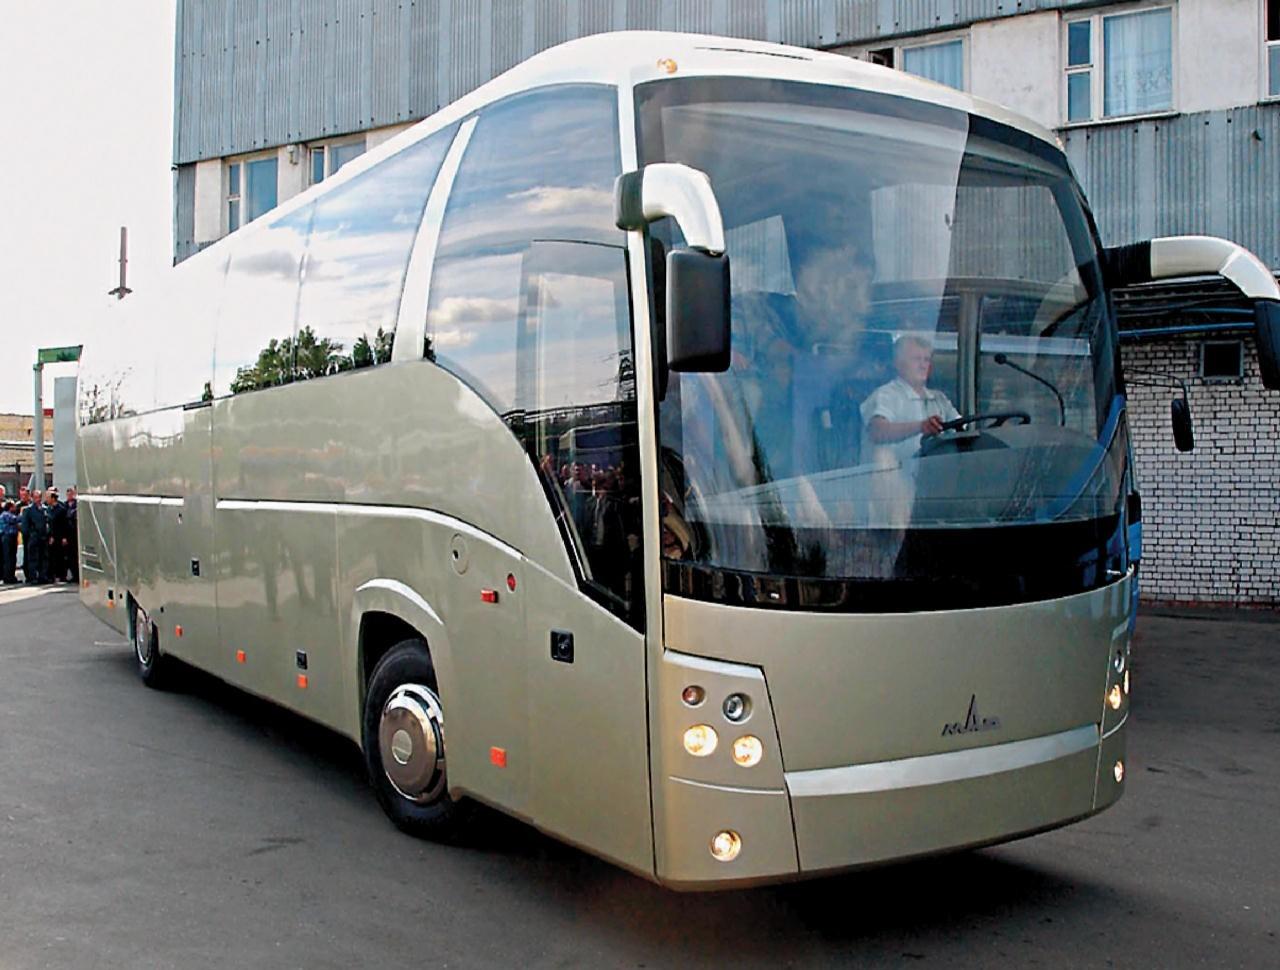 Аренда автобуса в Уфе. Рейсы Уфа-Анапа-Уфа, Уфа-Екатеринбург, Уфа-Казань.